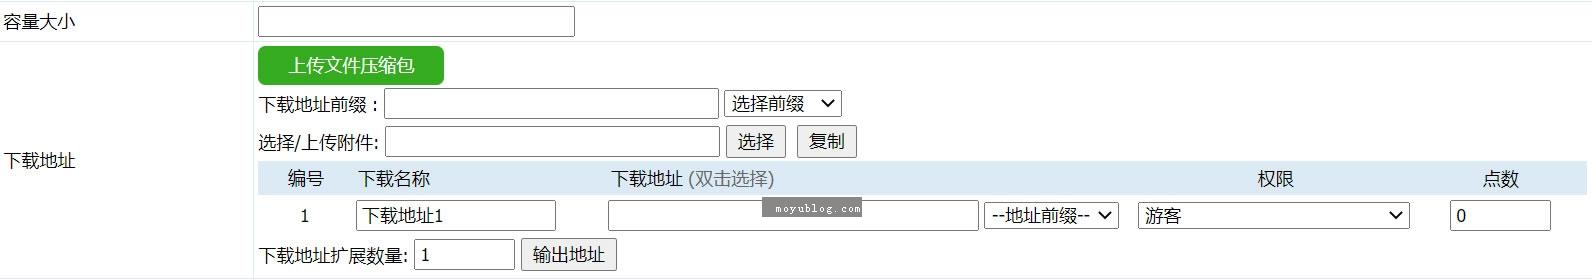 帝国CMS跨域上传(附件分离)插件,支持定义返回字段和定义接受扩展名